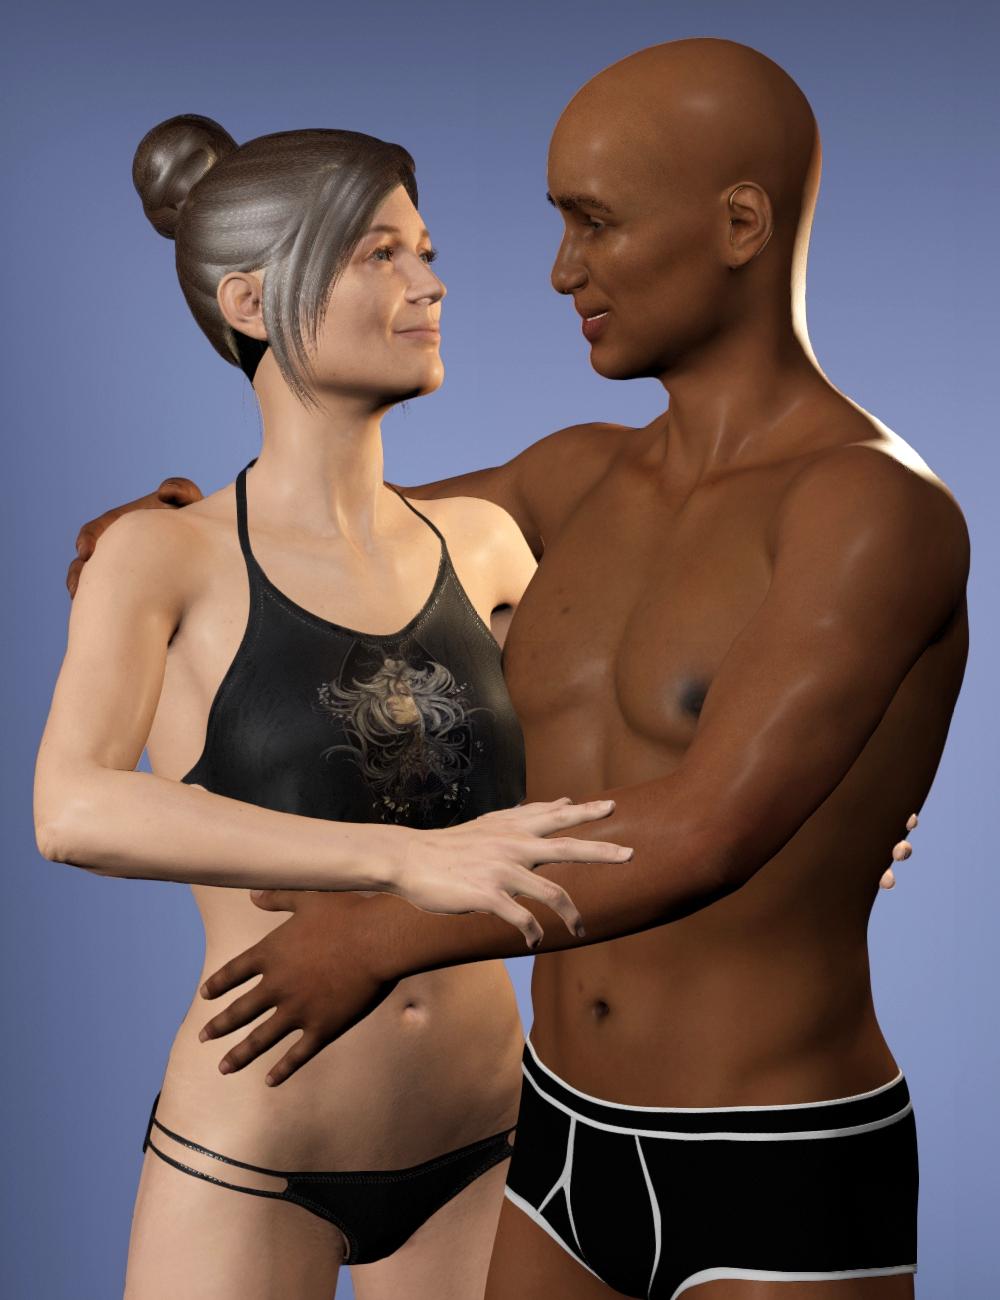 SF Beautiful Skin Filament by: SickleyieldFuseling, 3D Models by Daz 3D